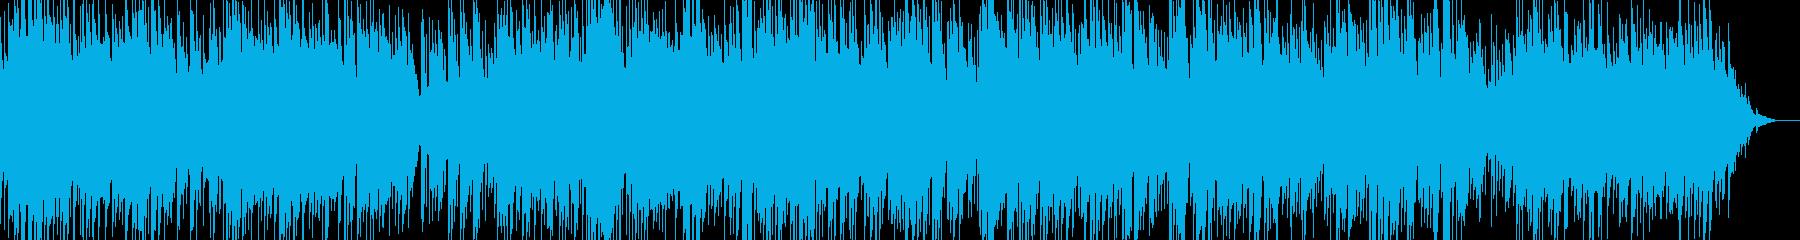 切なく悲しい日本テイストなアコギバラードの再生済みの波形